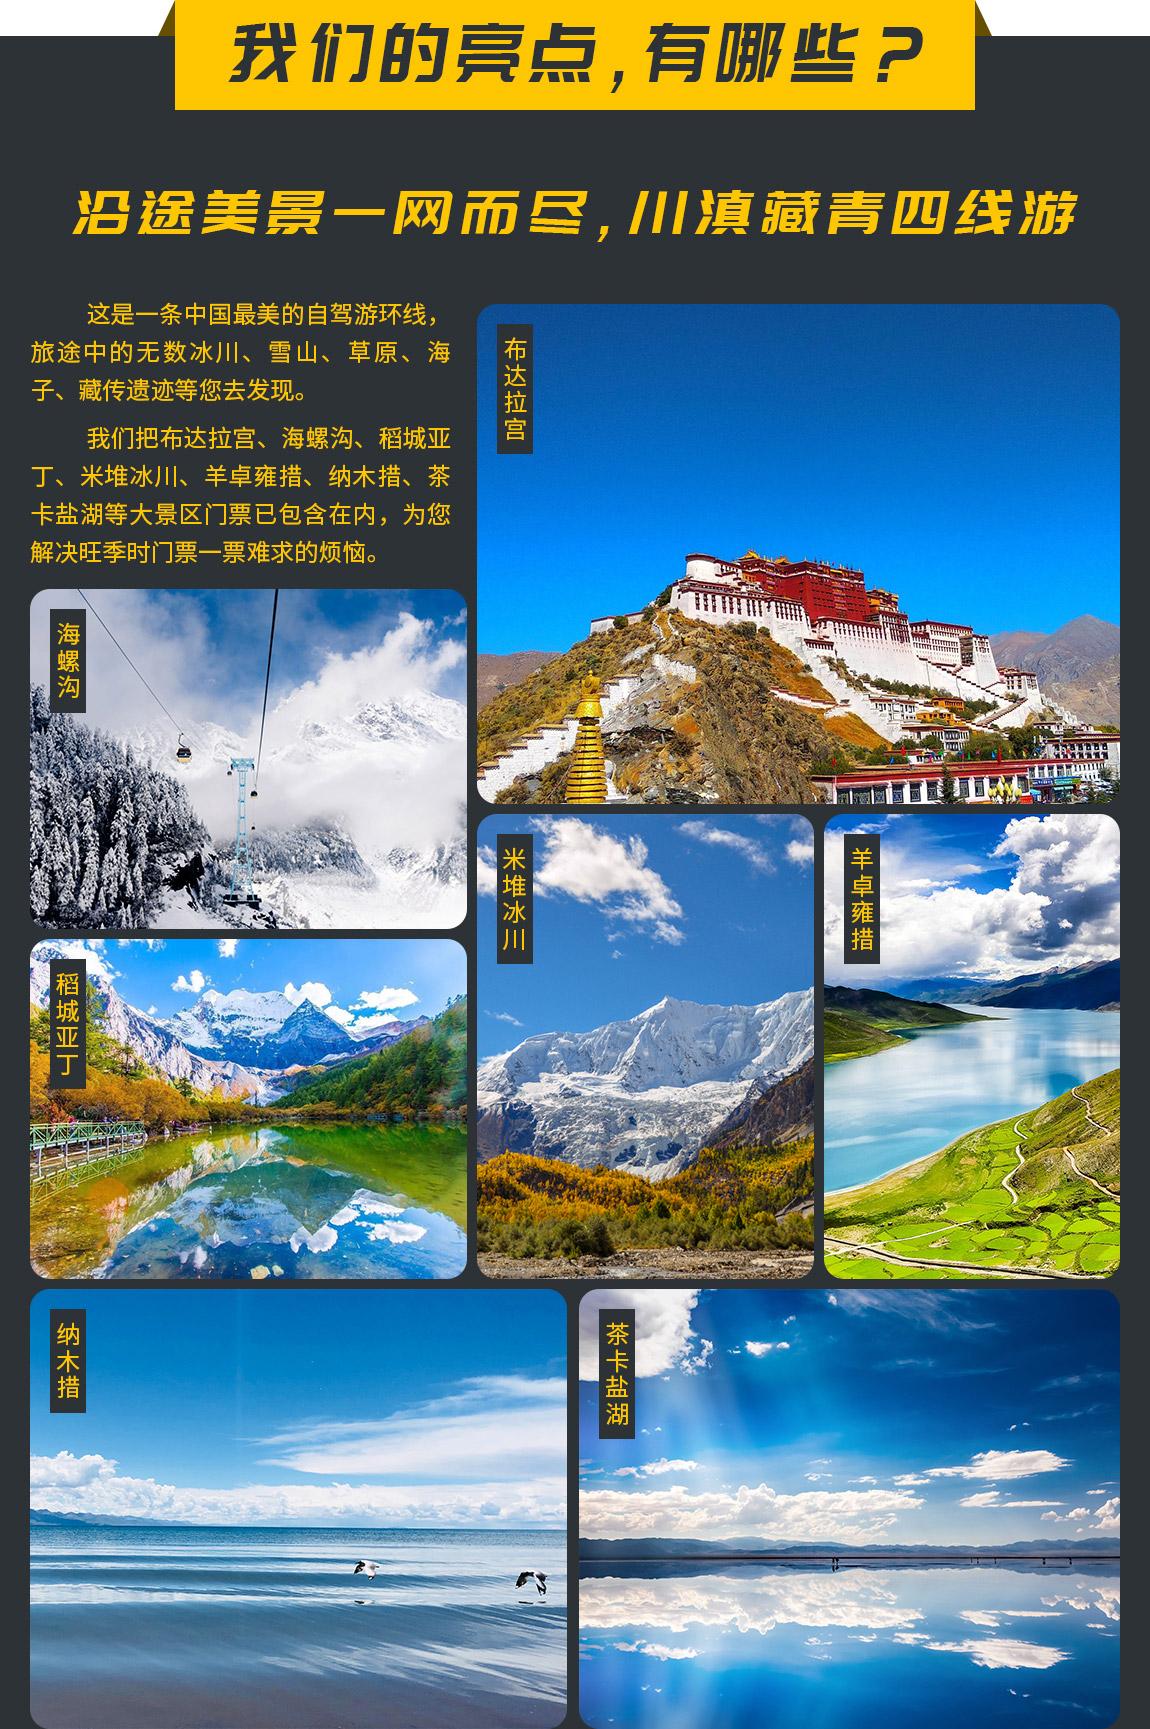 川藏线自驾游详情页_2020升级版_03